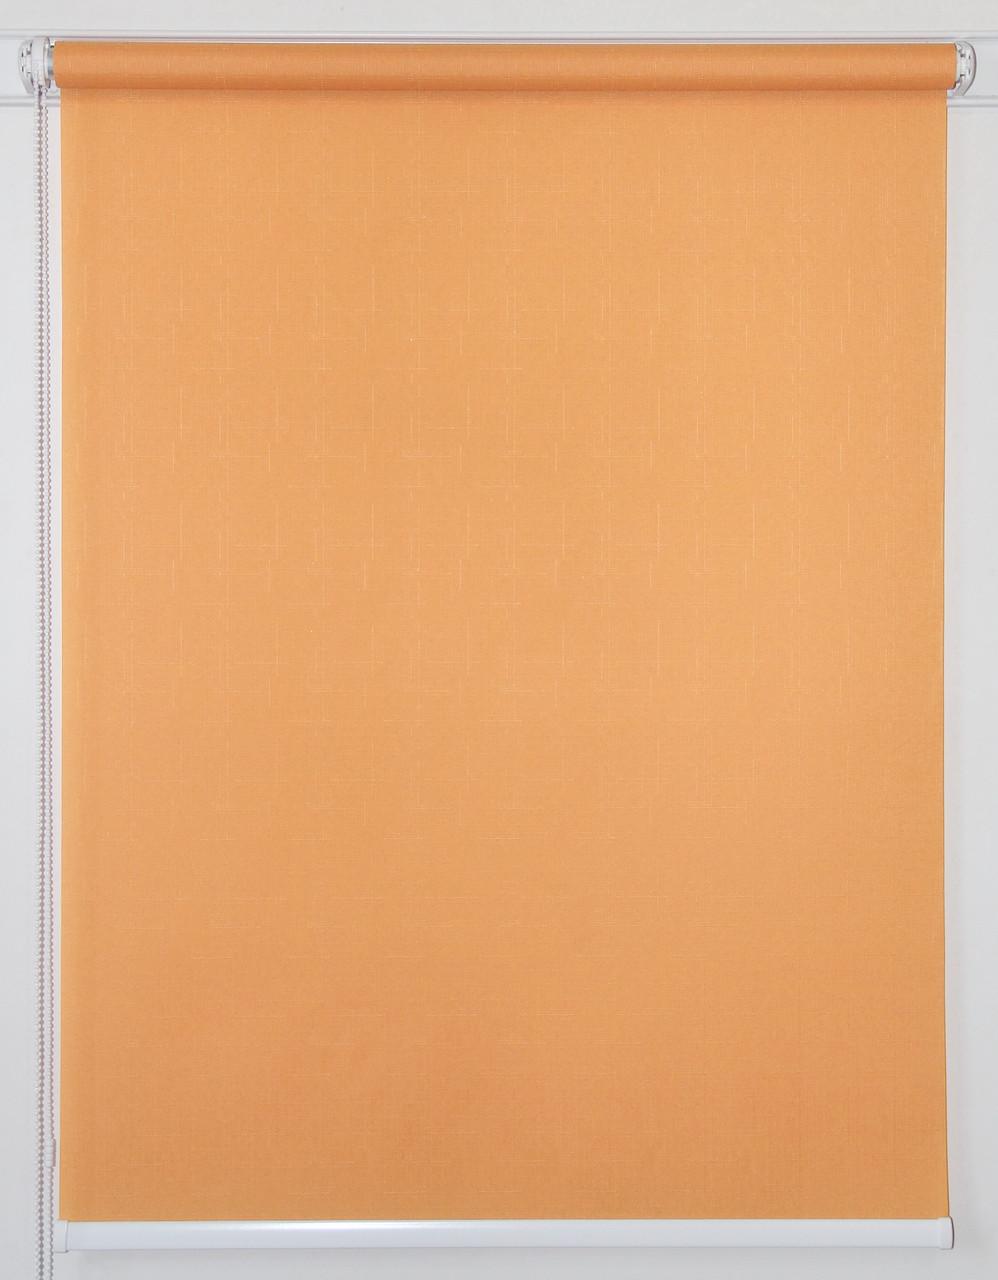 Готовые рулонные шторы 300*1500 Ткань Лён 852 Оранж, фото 1